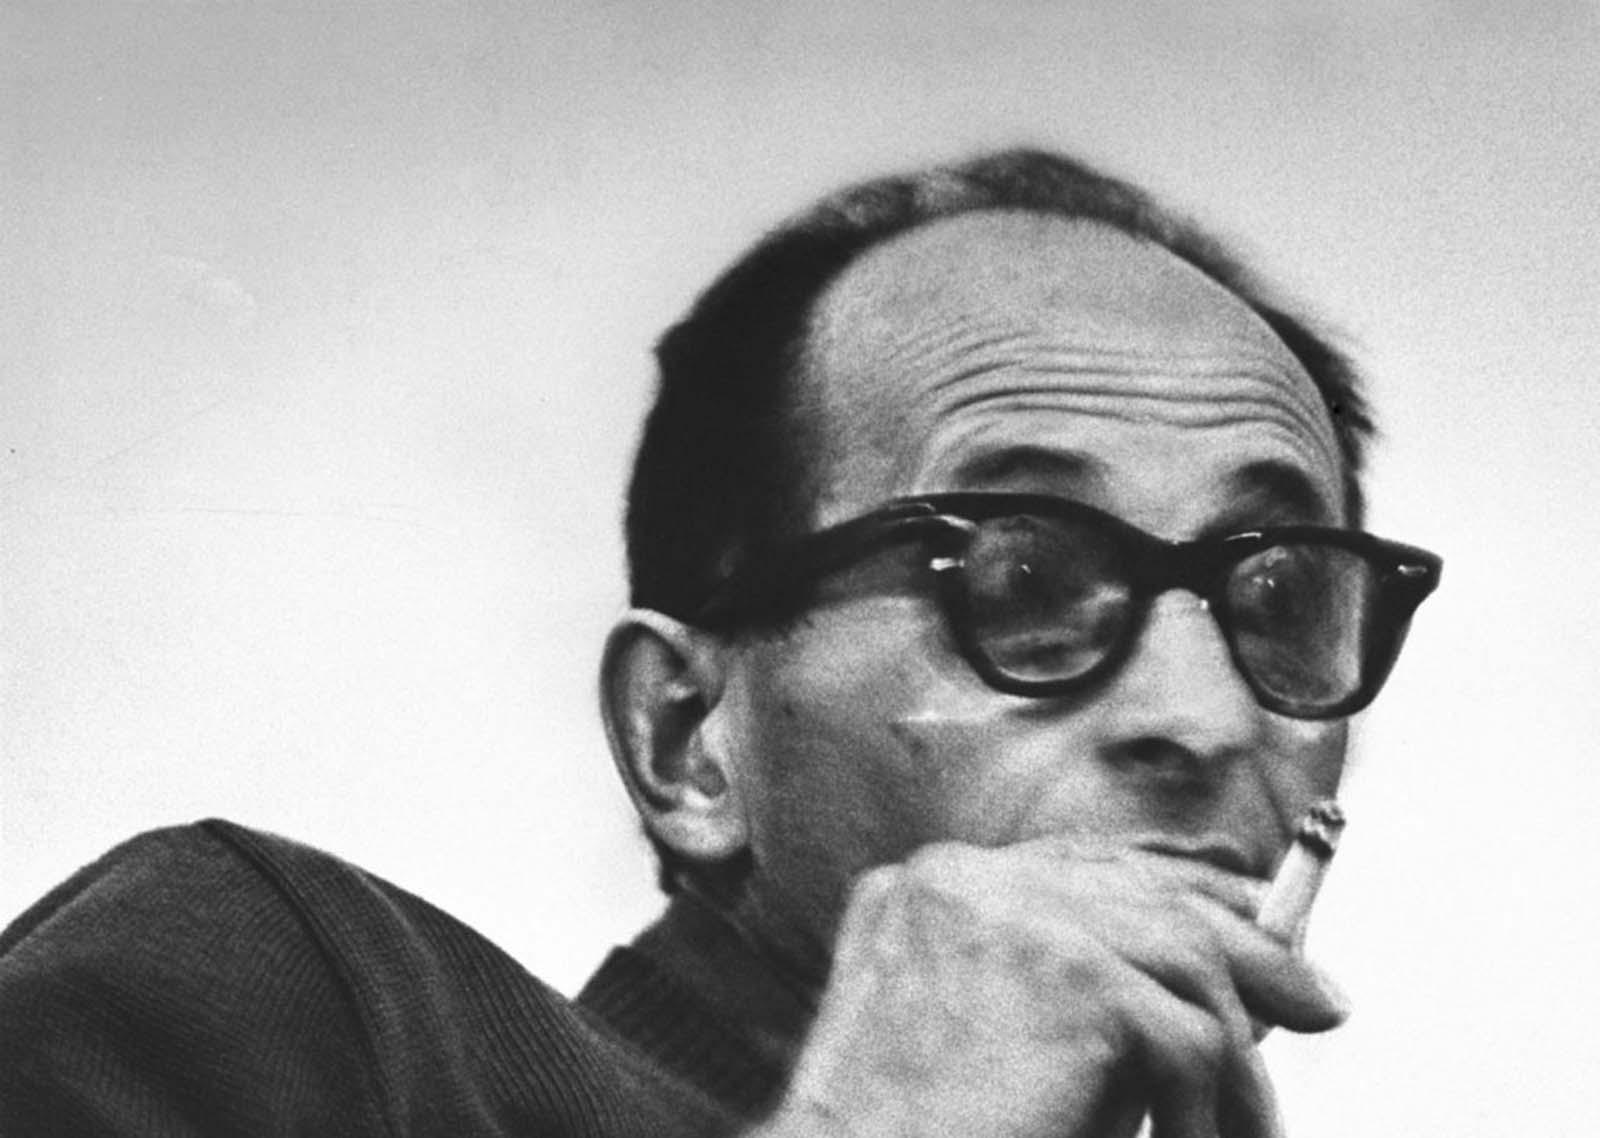 Adolf Eichmann awaited trial in Israel, 1961.